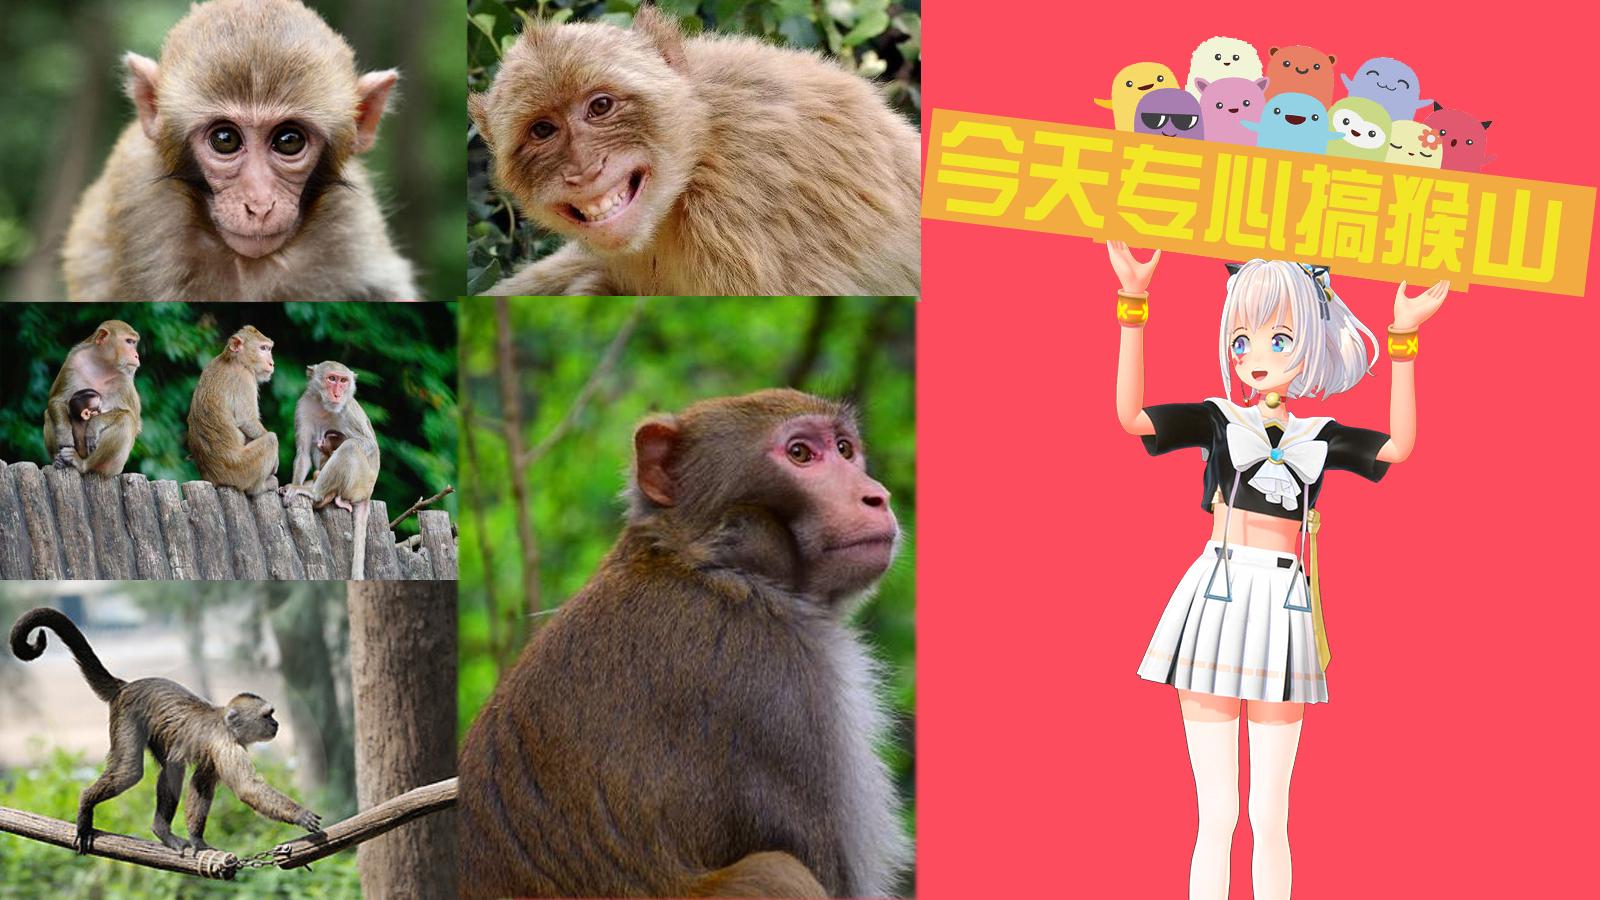 【录播】今天专心搞猴山!儿子你给我看好那些猴子啊!(是动物园里的猴子啊)